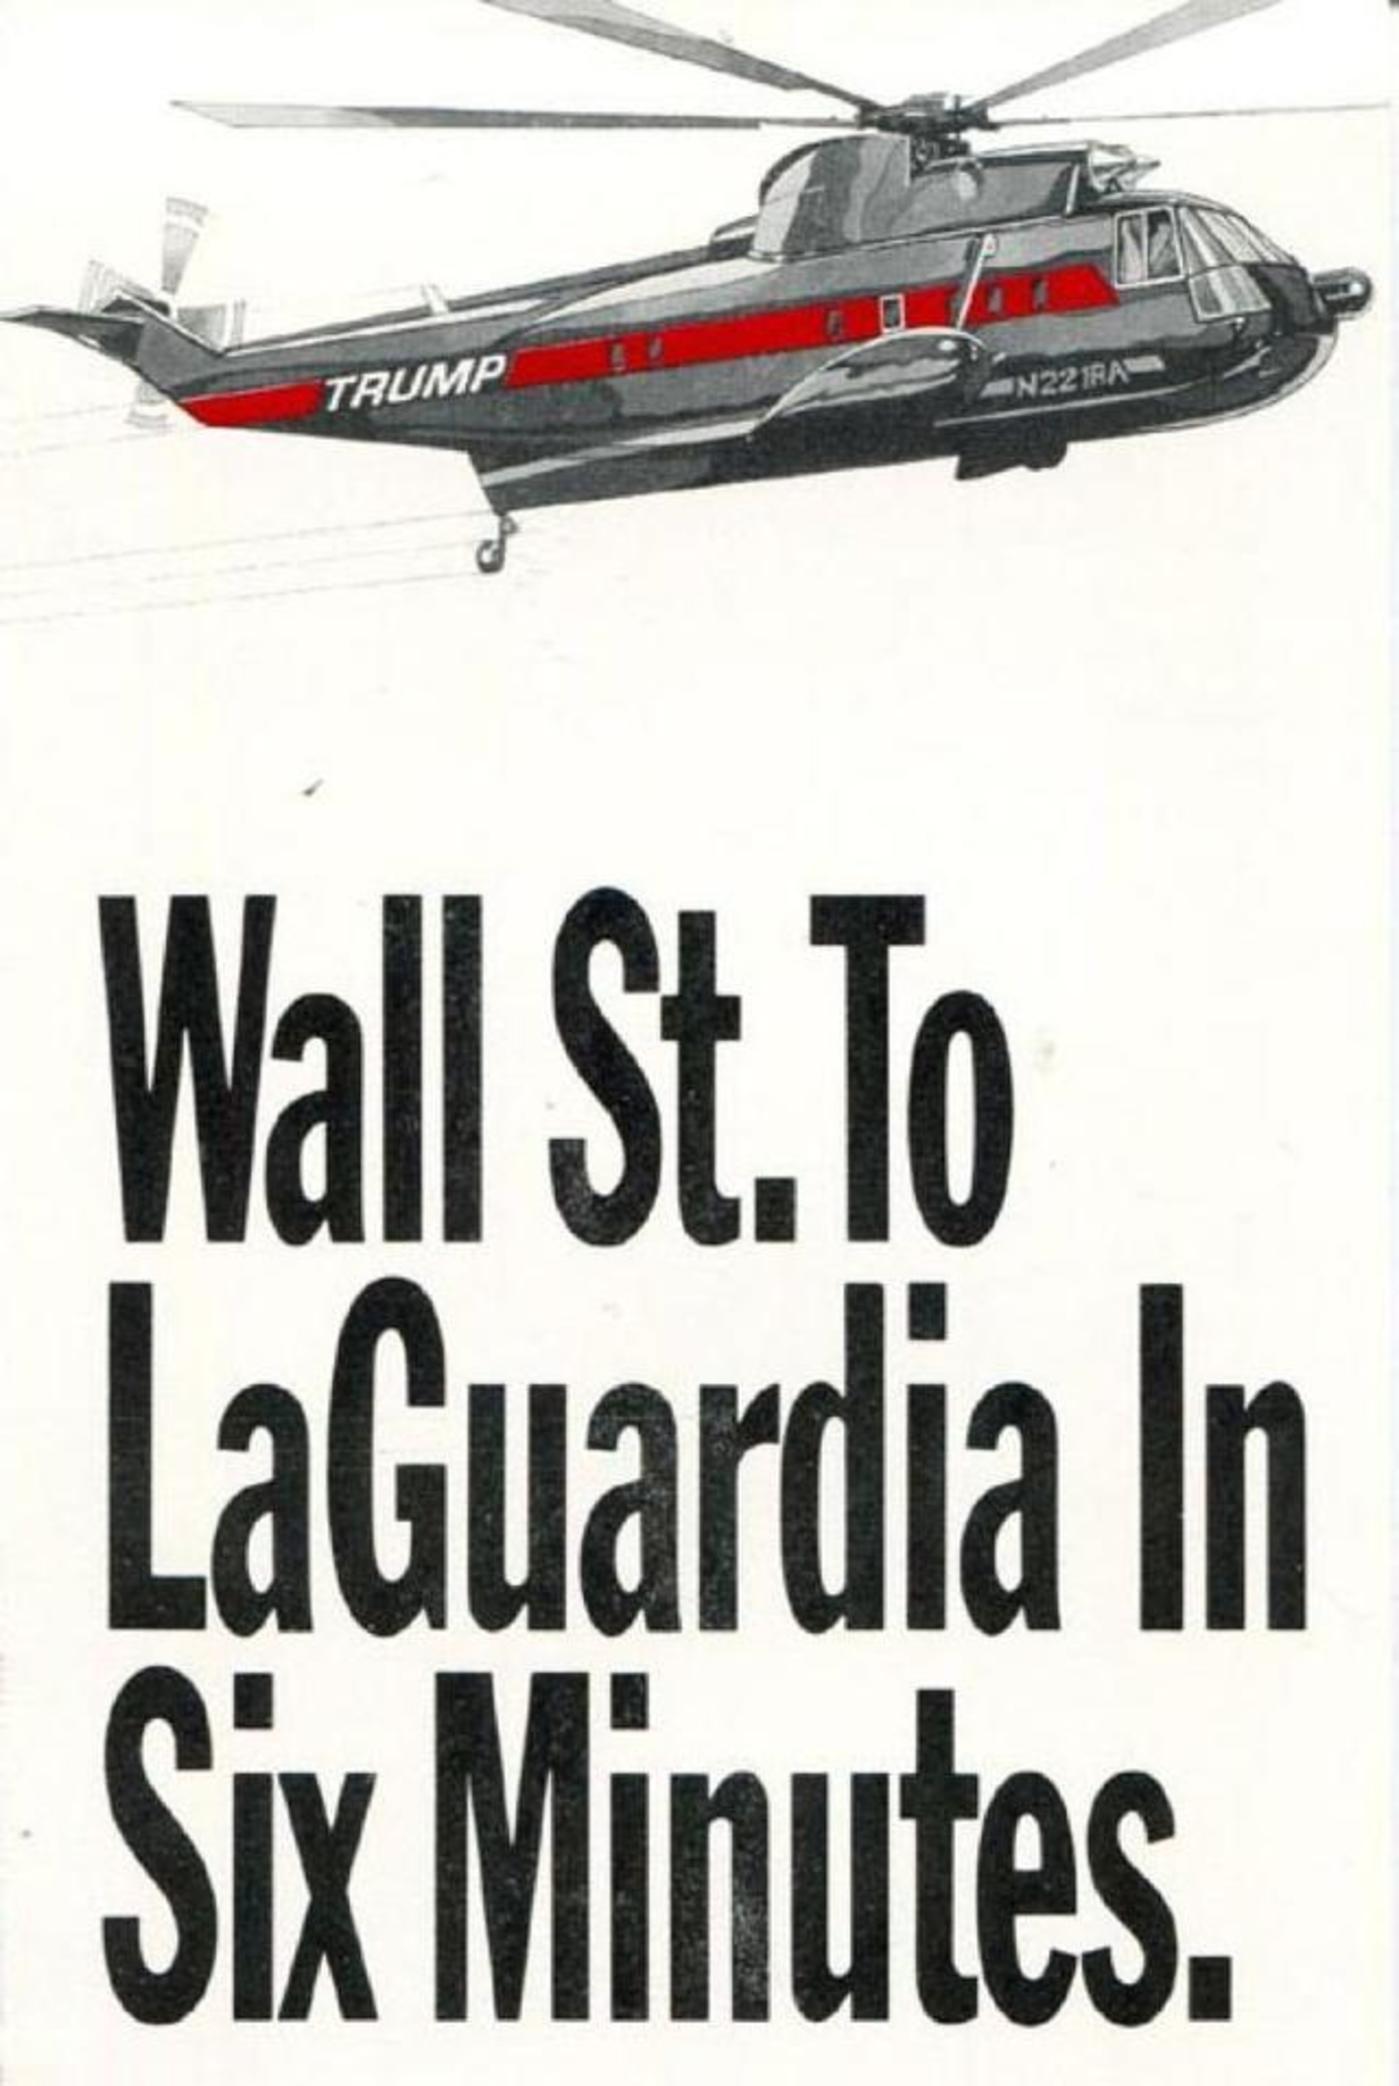 特朗普快线的直升机业务广告